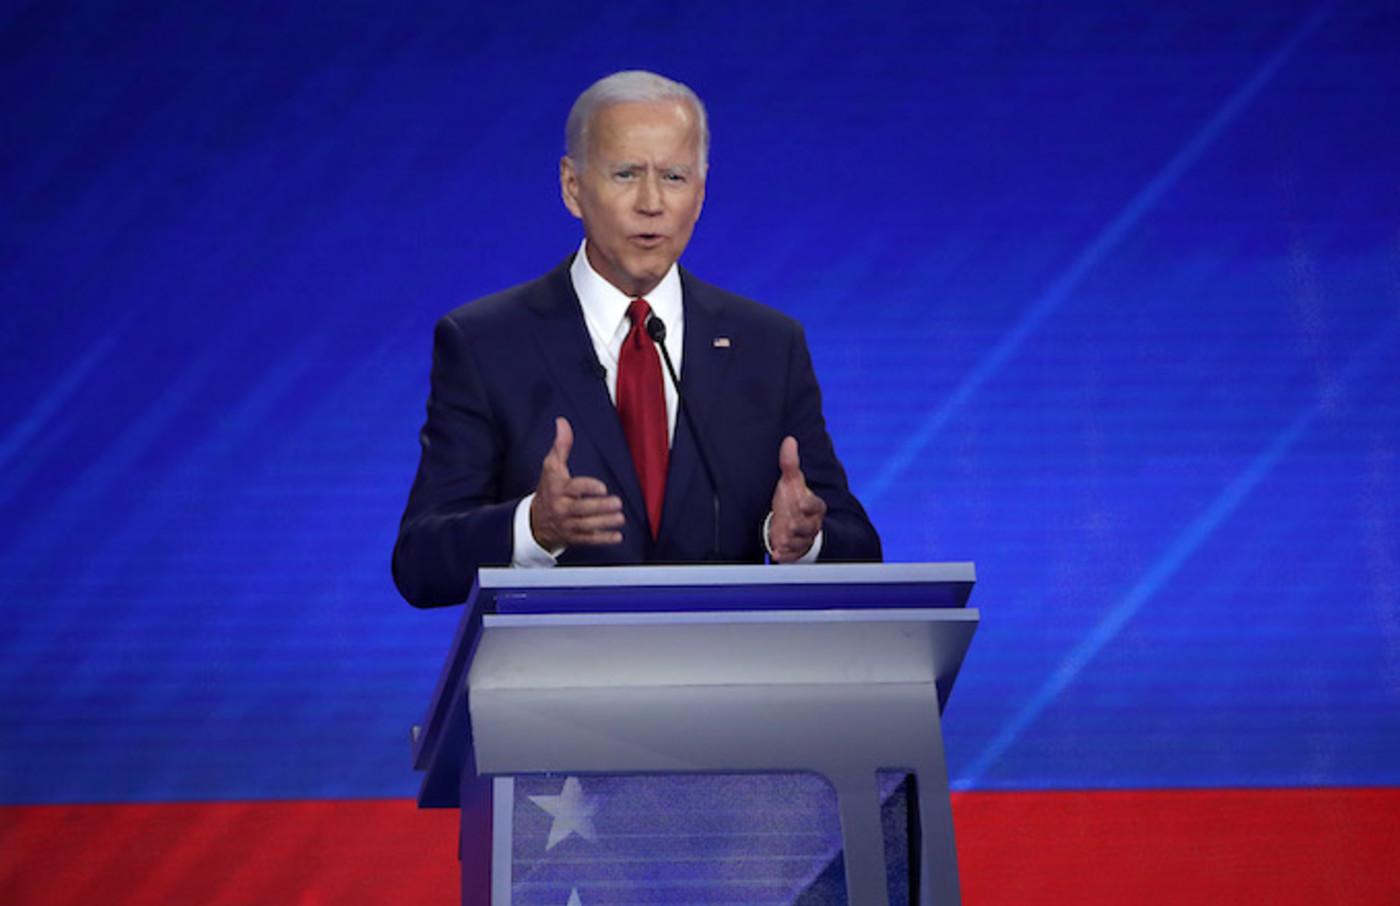 Joe Biden speaks during the Democratic Presidential Debate.